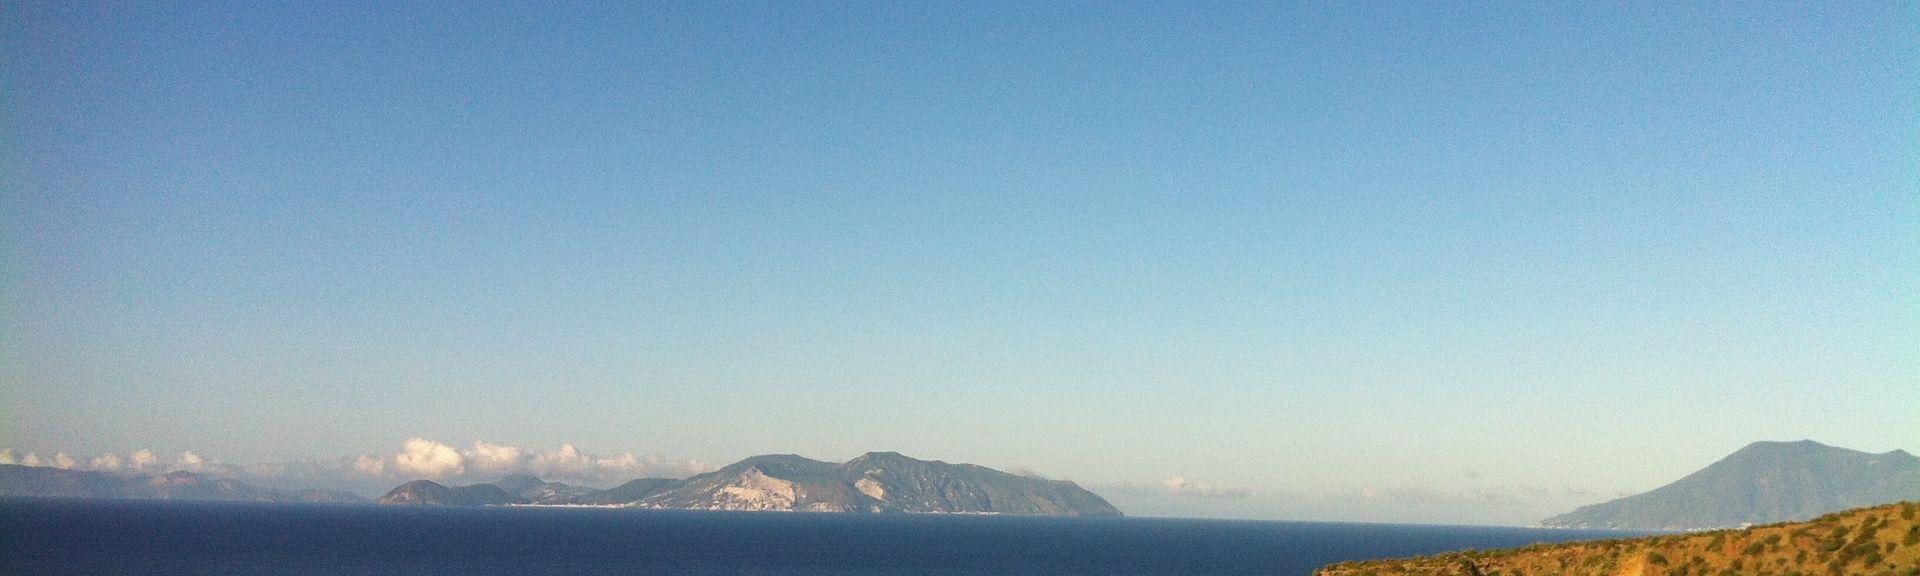 Panarea, Messina, Sicily, Italy